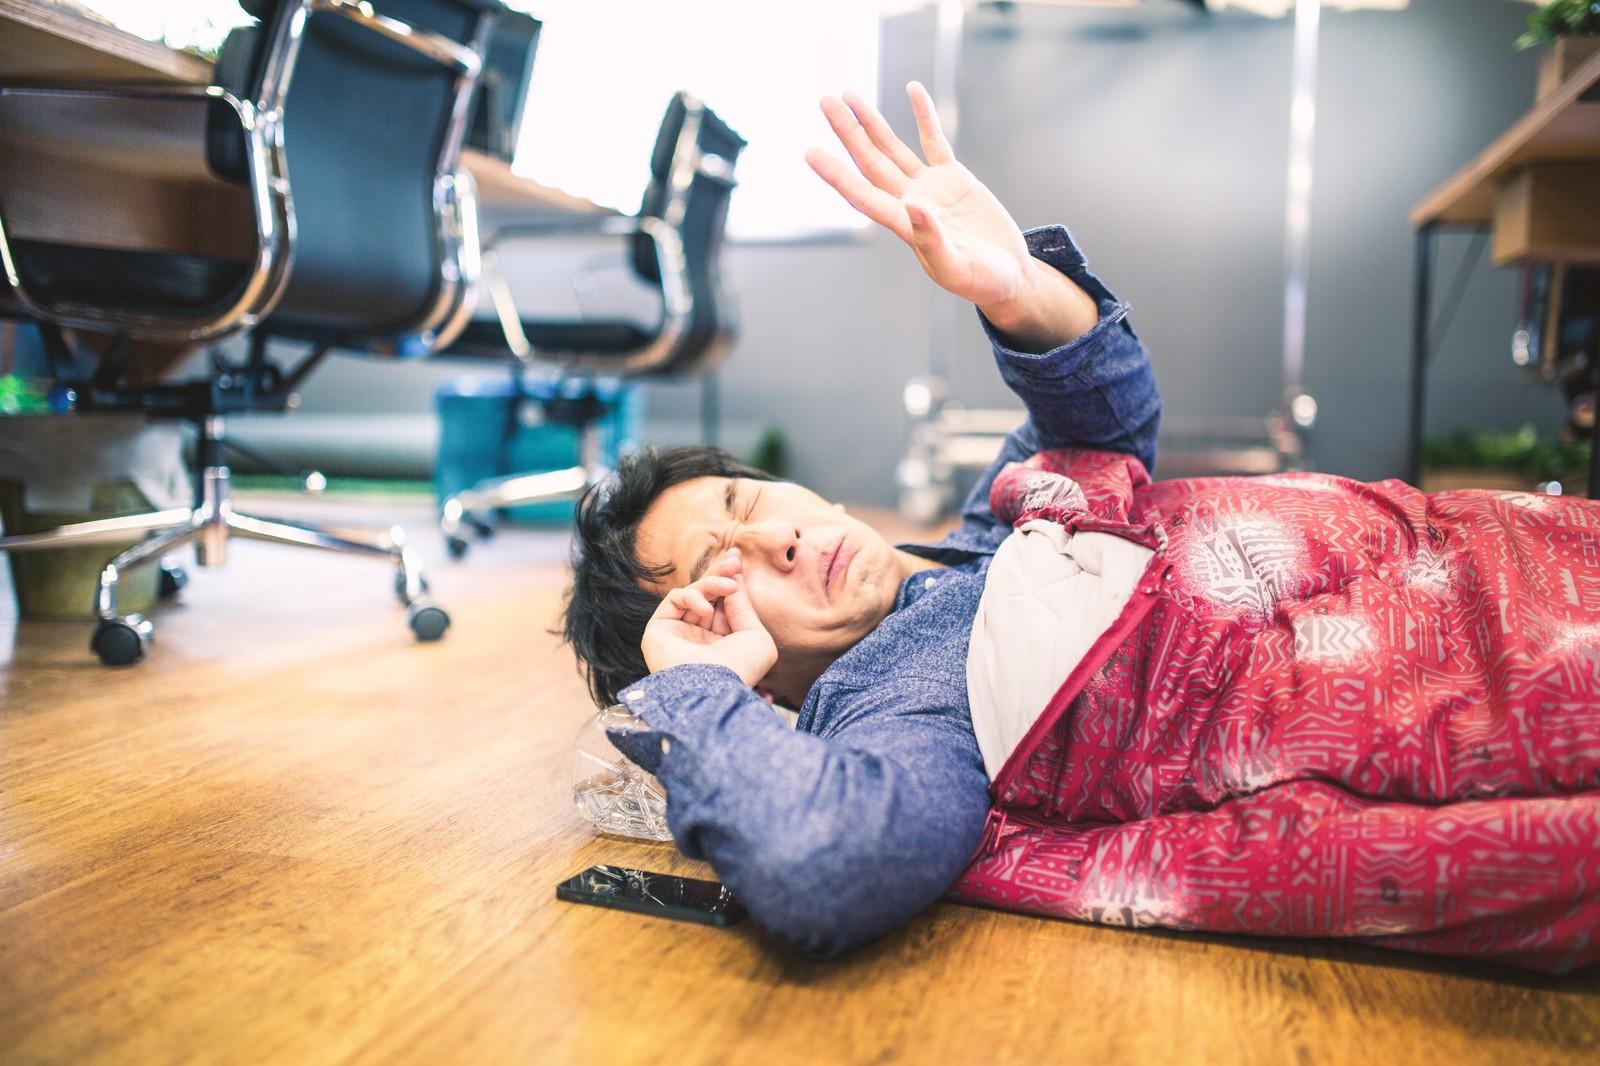 不眠症か睡眠障害を患い会社で寝起きしているサラリーマン